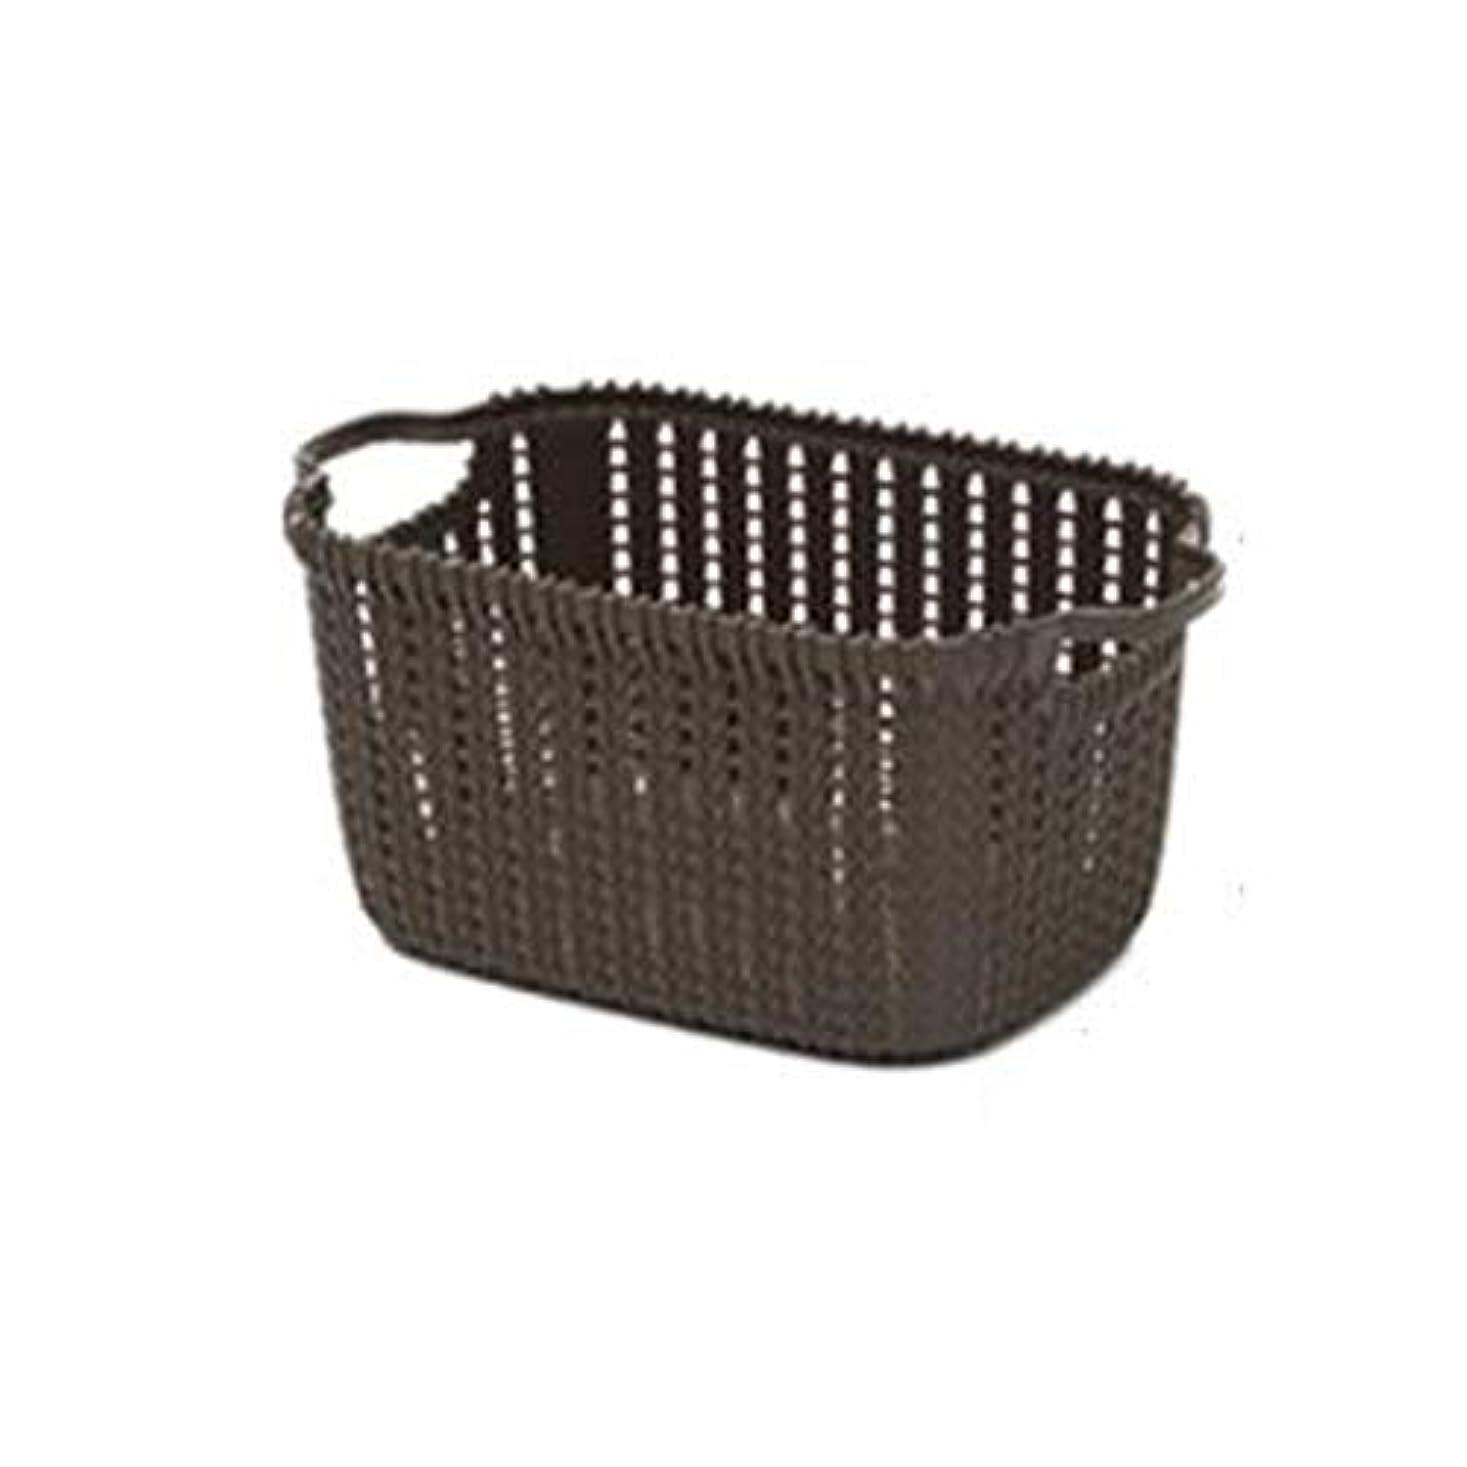 三十オール避けられないSMMRB 模造籐のデスクトップストレージバスケットプラスチック中空スナックストレージバスケットキッチンの浴室の雑貨の収納ボックス、ベージュ、ダークグレー (色 : Gray, サイズ さいず : 23cm*17cm*16cm)